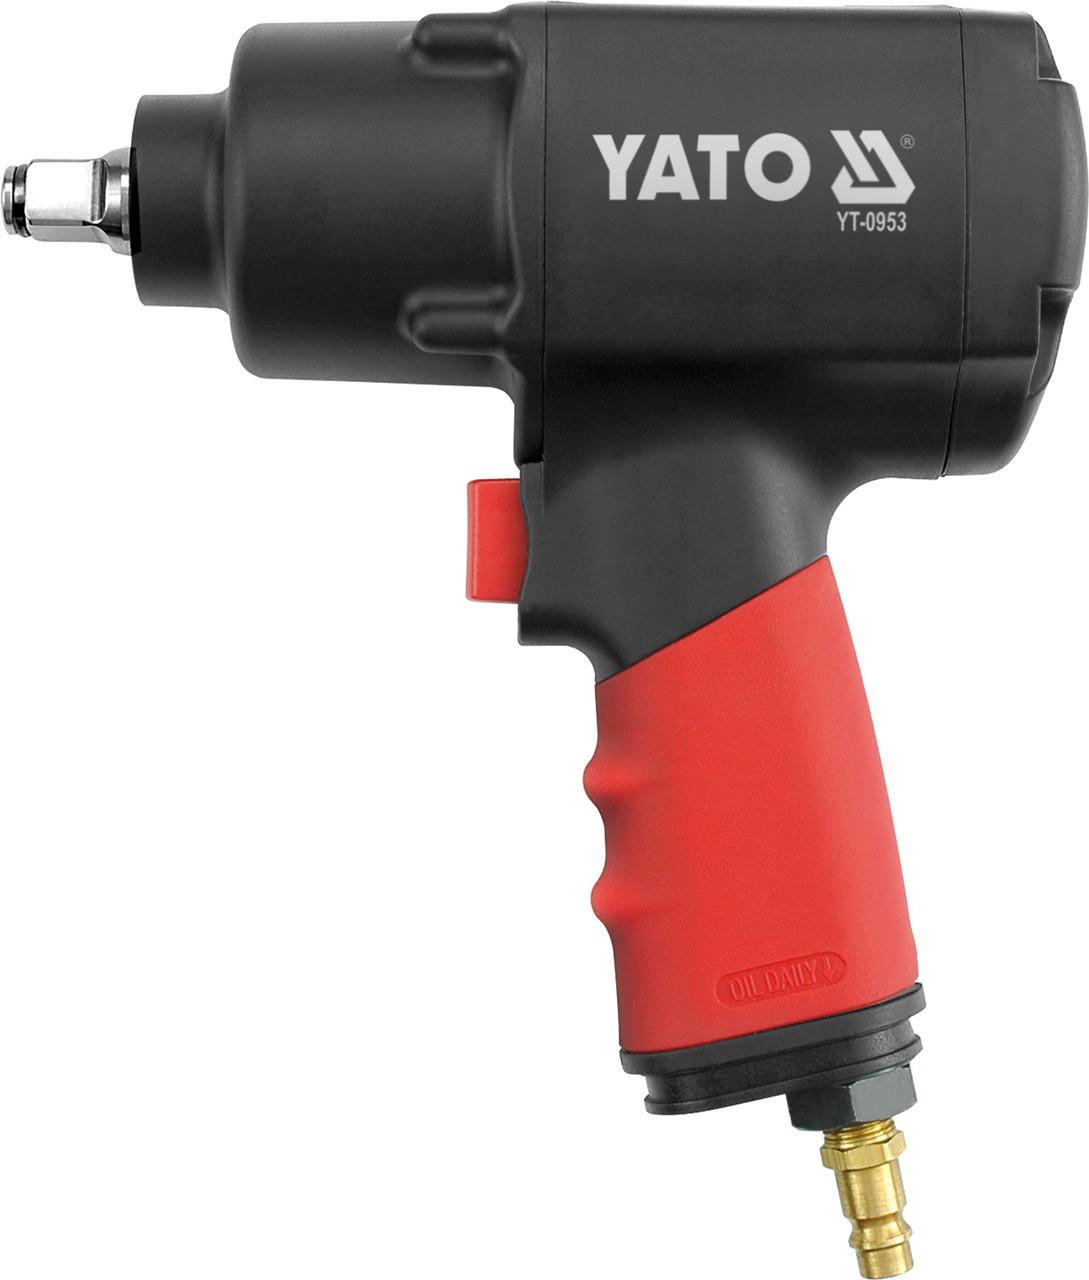 Пневматический гайковерт 1356 Нм YATO YT-0953